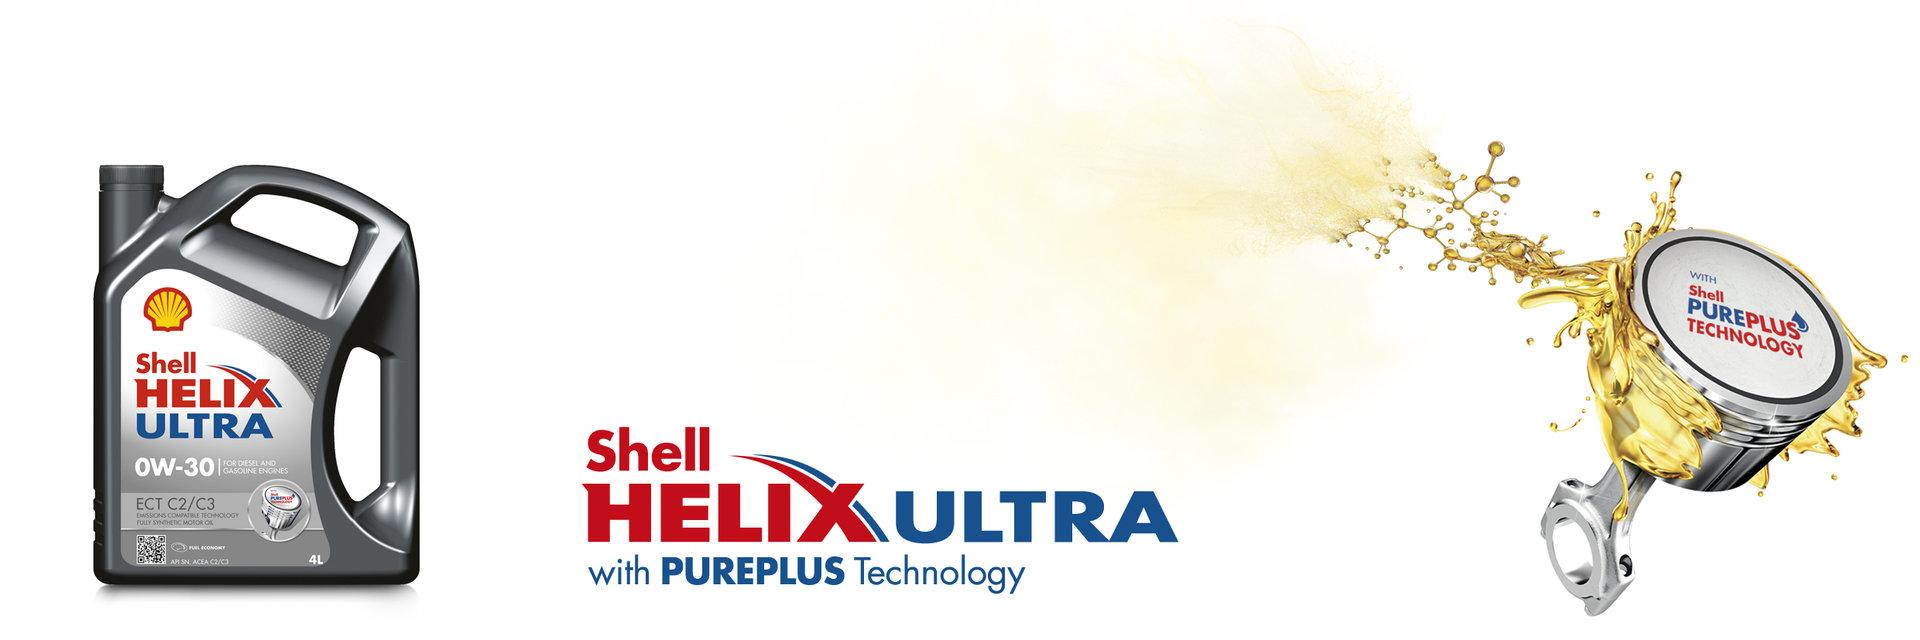 Nowe oleje Shell Helix o niskiej lepkości